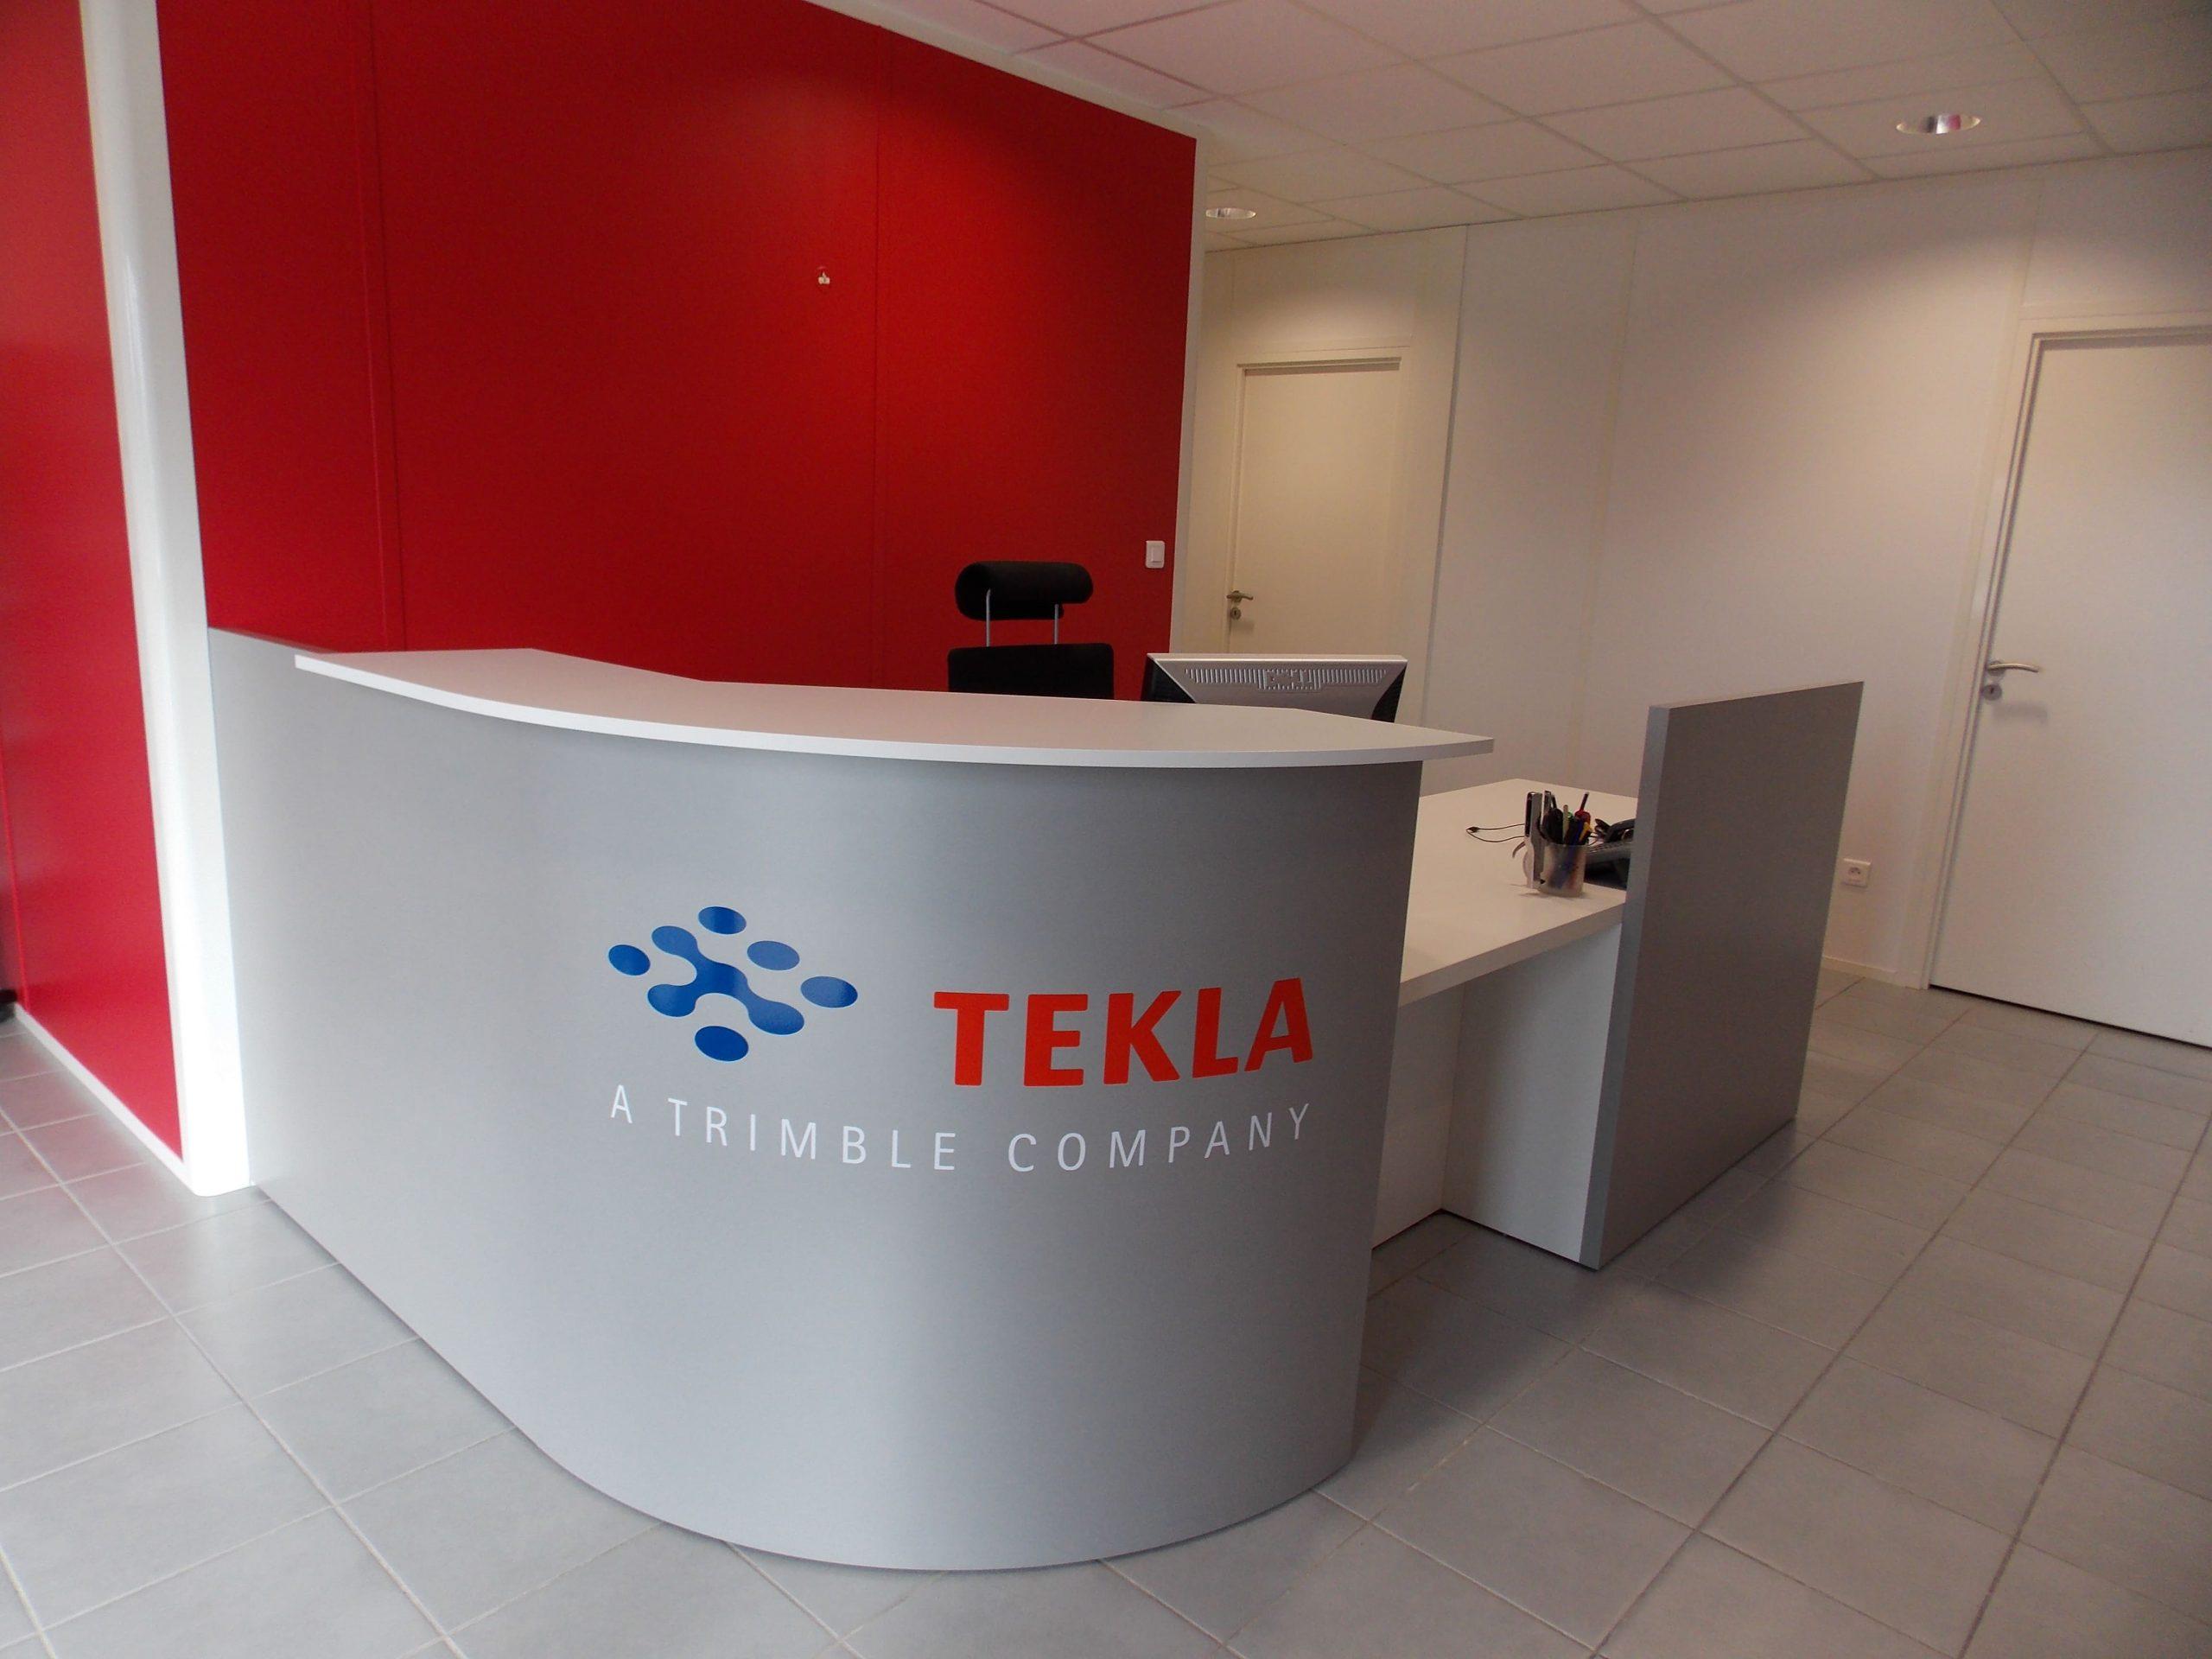 Banque d'accueil de l'entreprise Tekla à Terssac réalisé par SAFRA Agencement